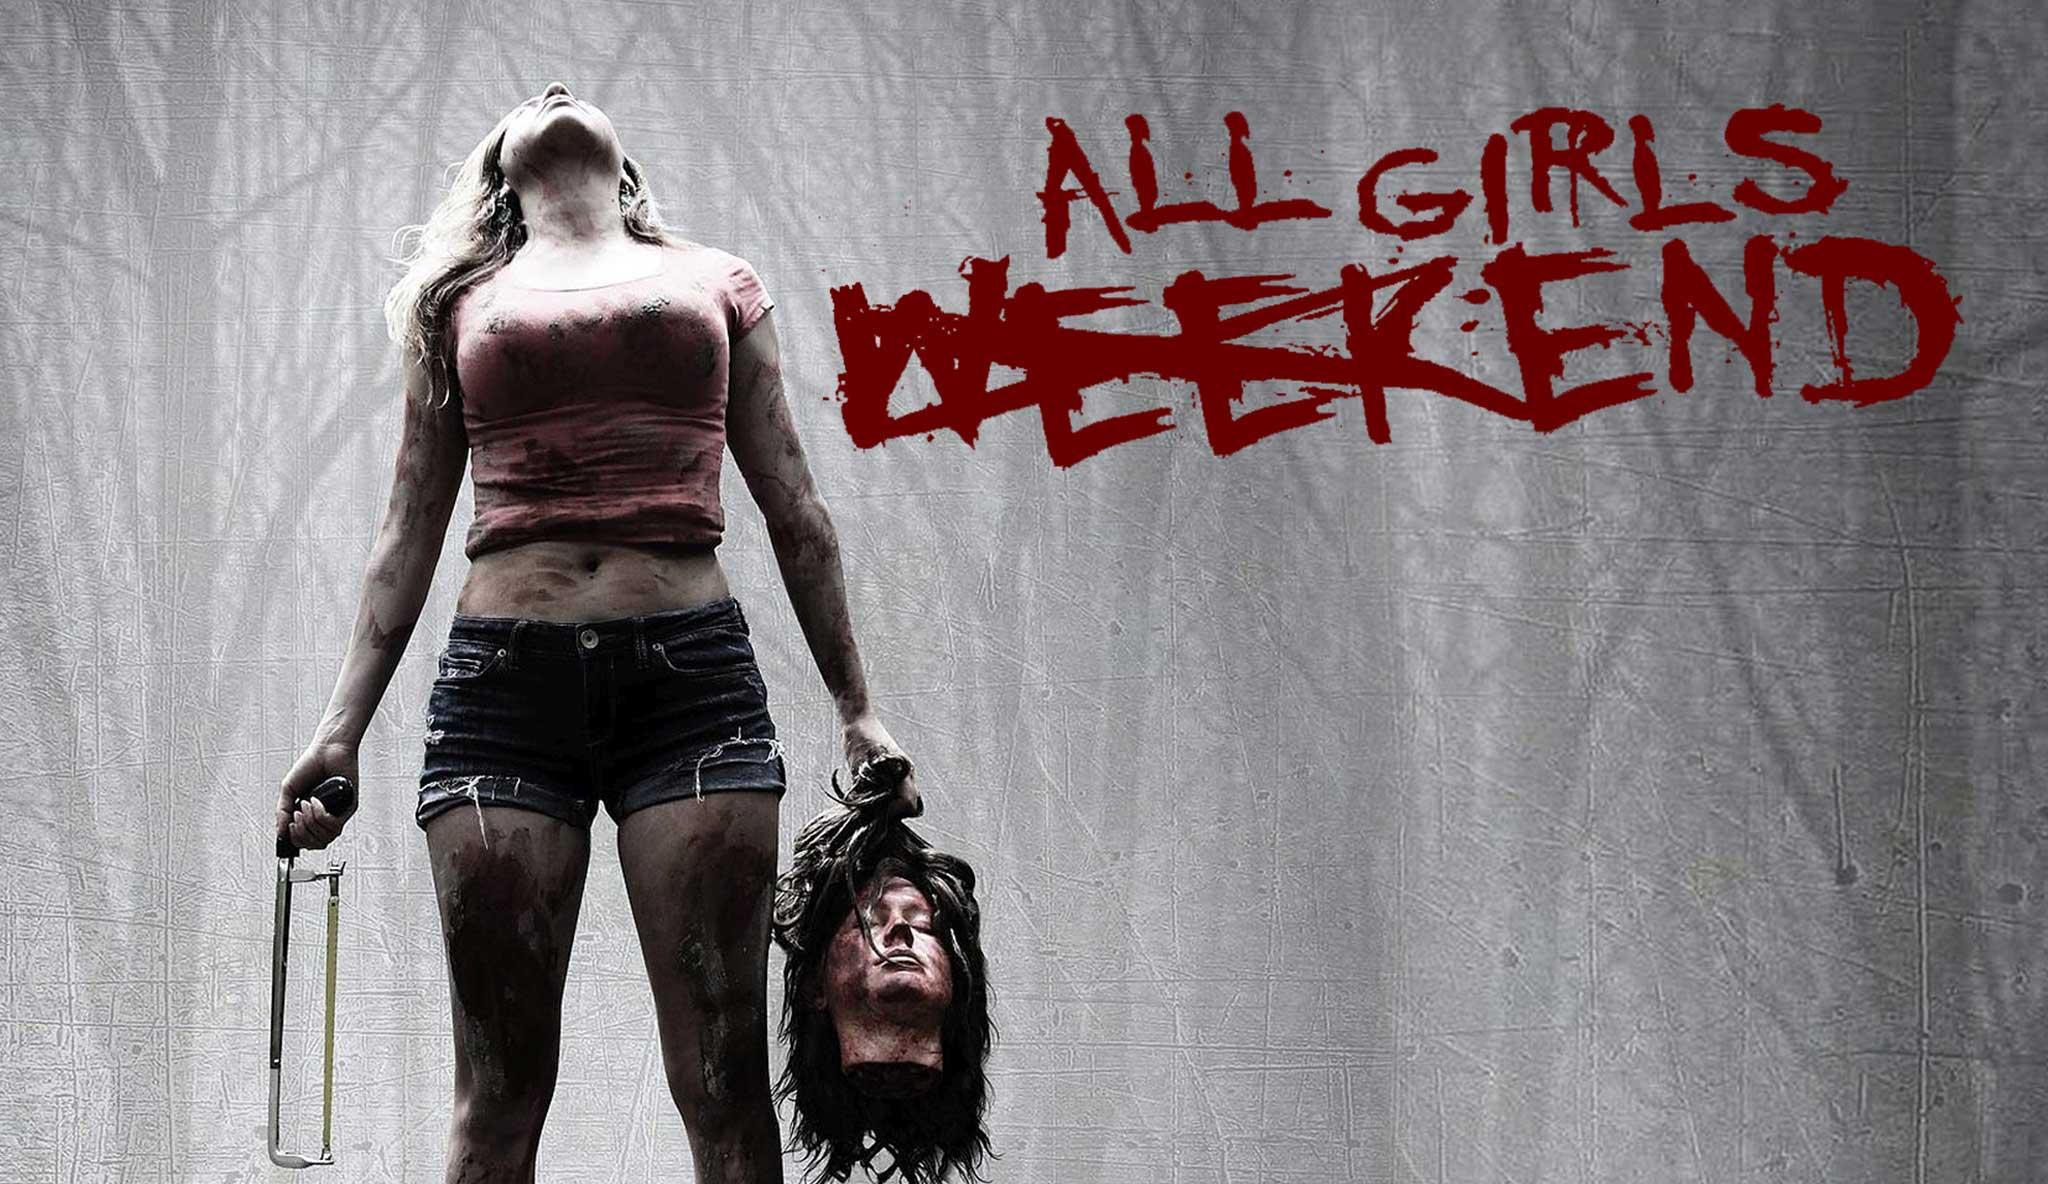 all-girls-weekend\header.jpg